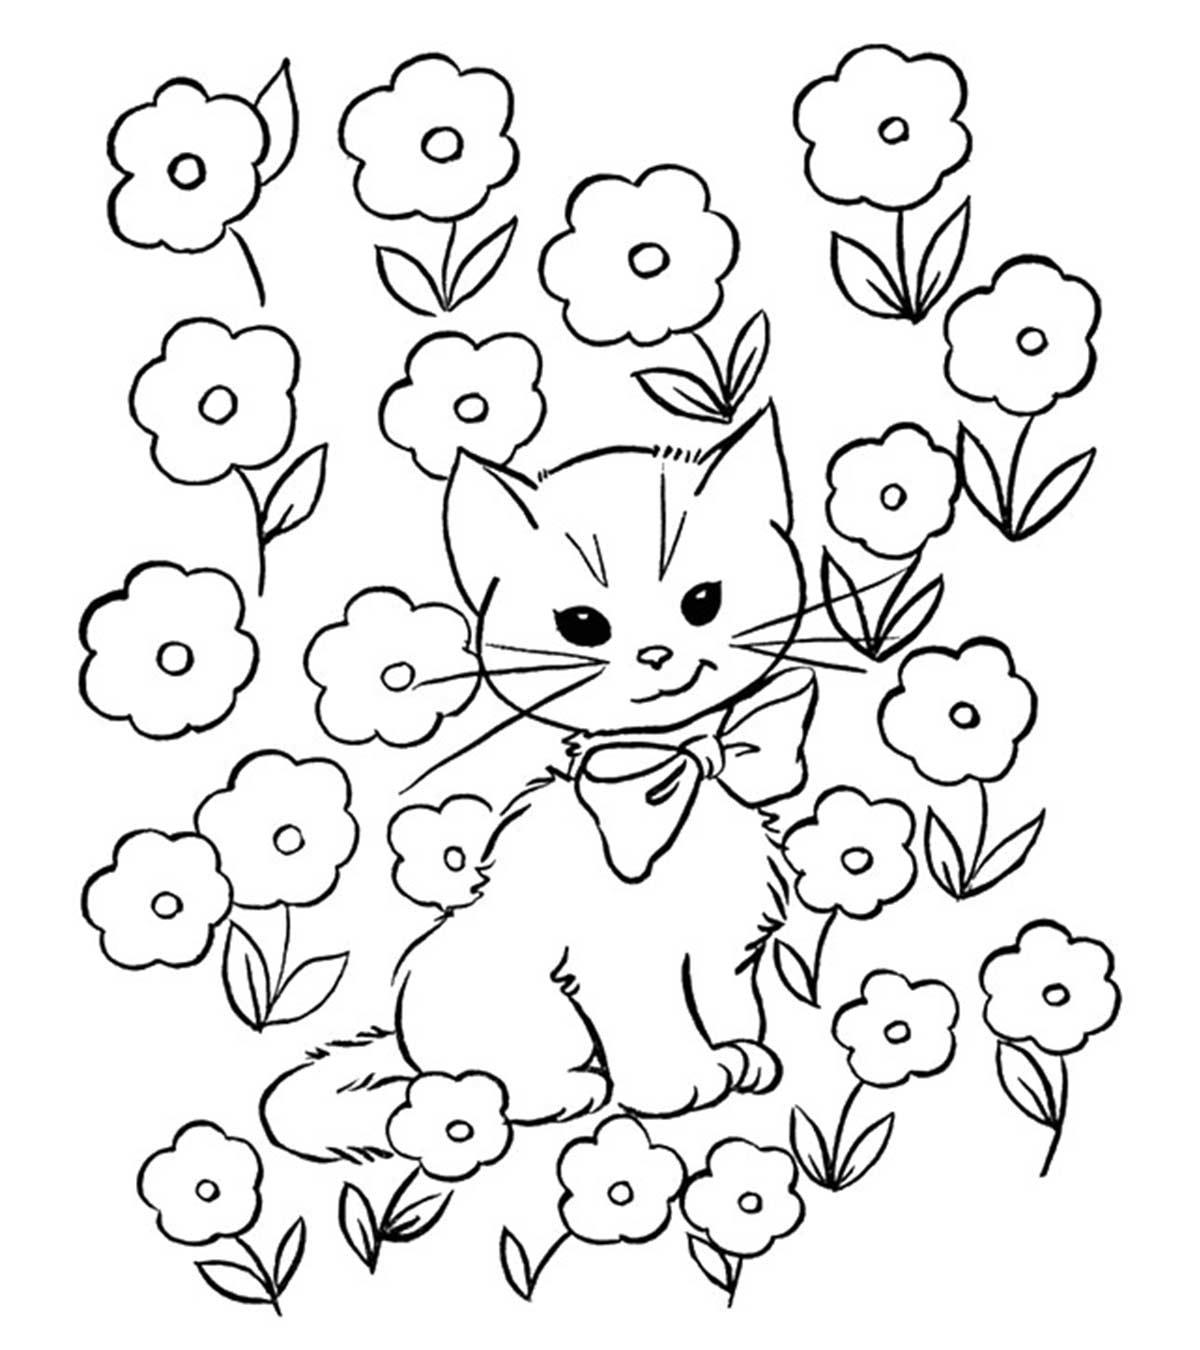 Tranh tô màu con mèo và những cành hoa nở rộ